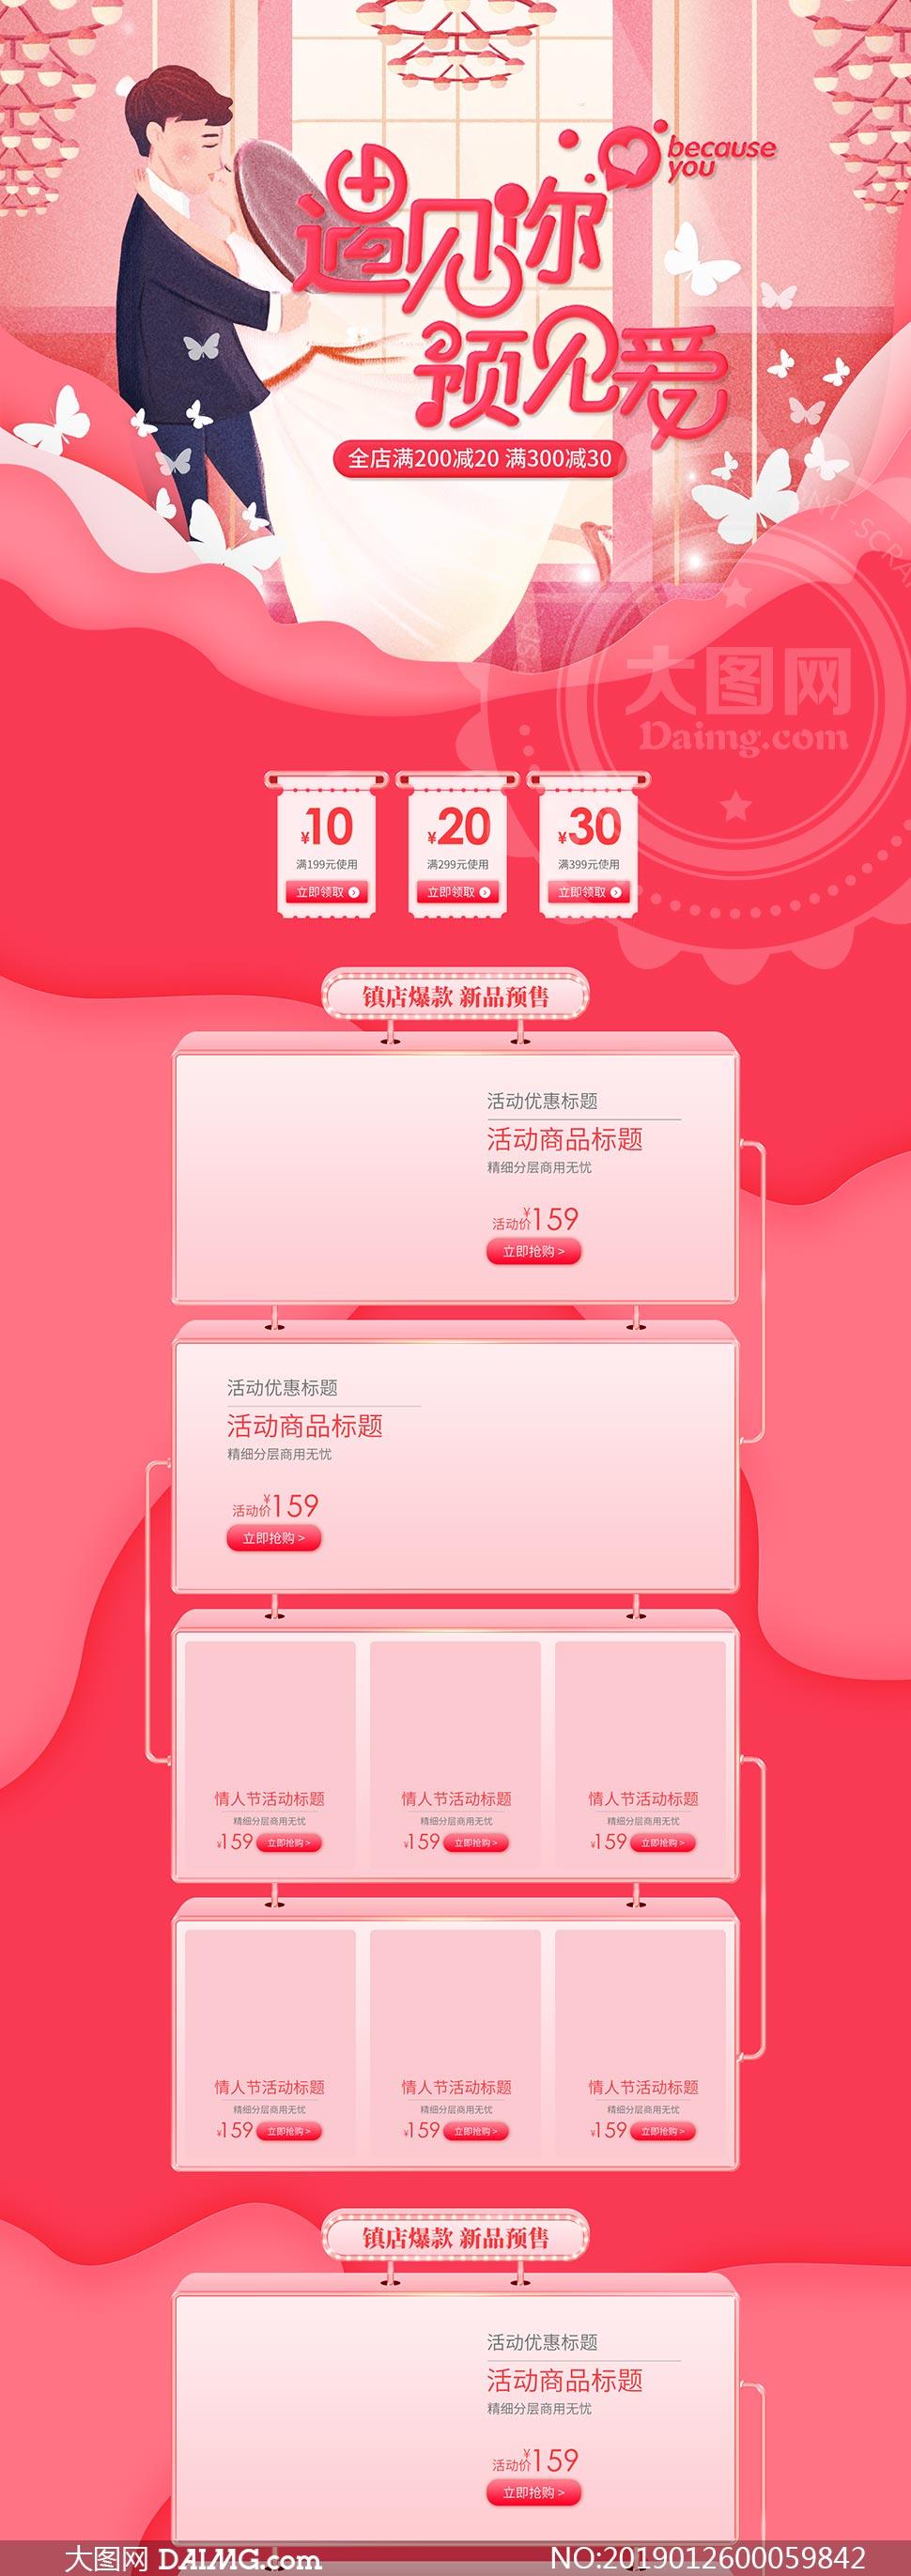 情人节淘宝首页设计模板PSD素材